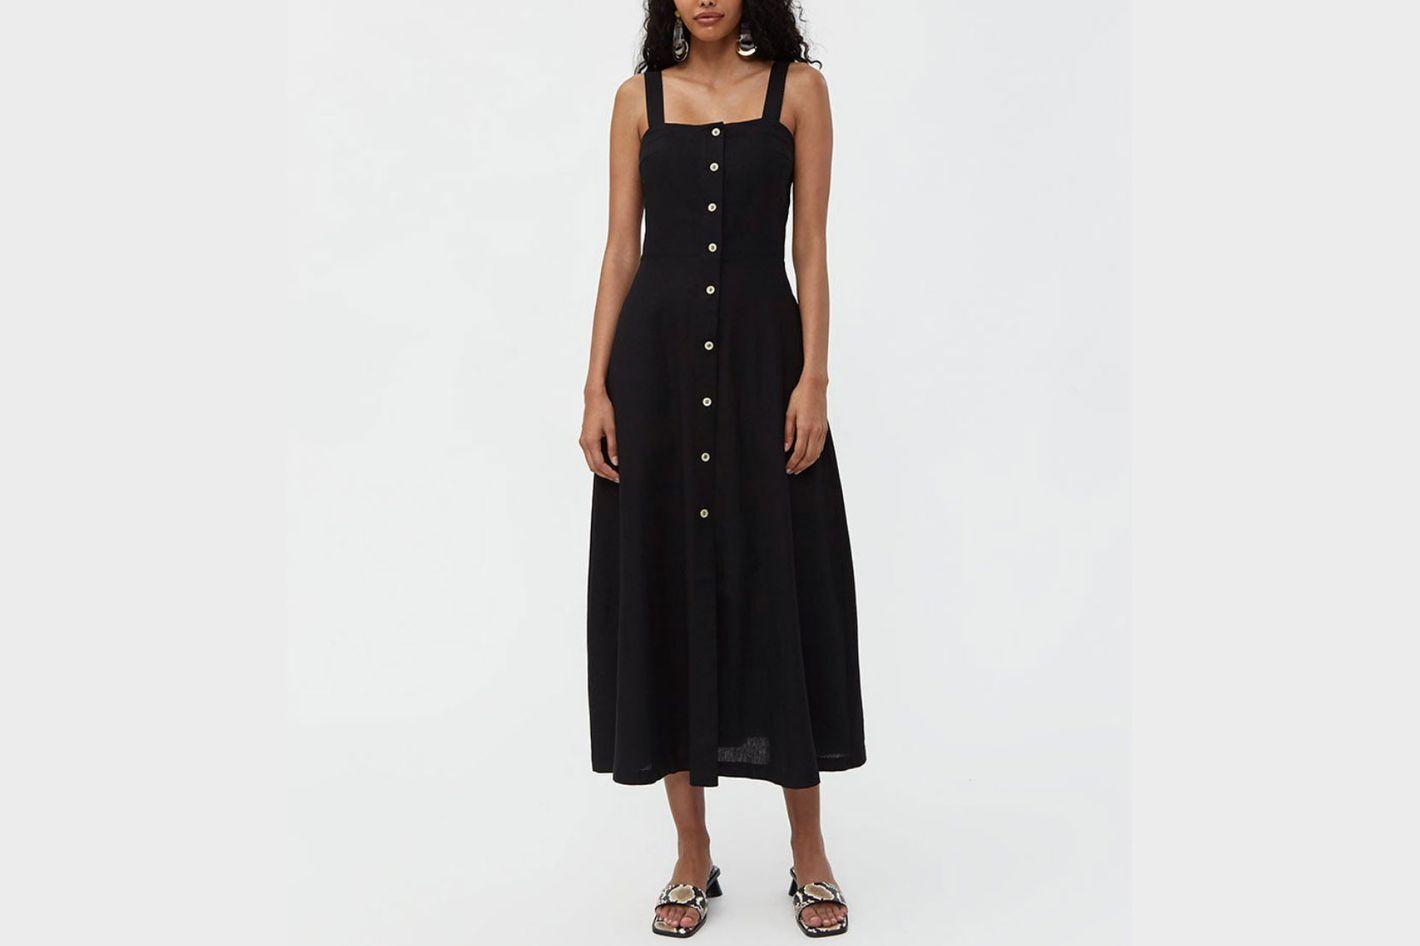 d896b774e9c2 15 Best Linen Dresses for Summer 2019